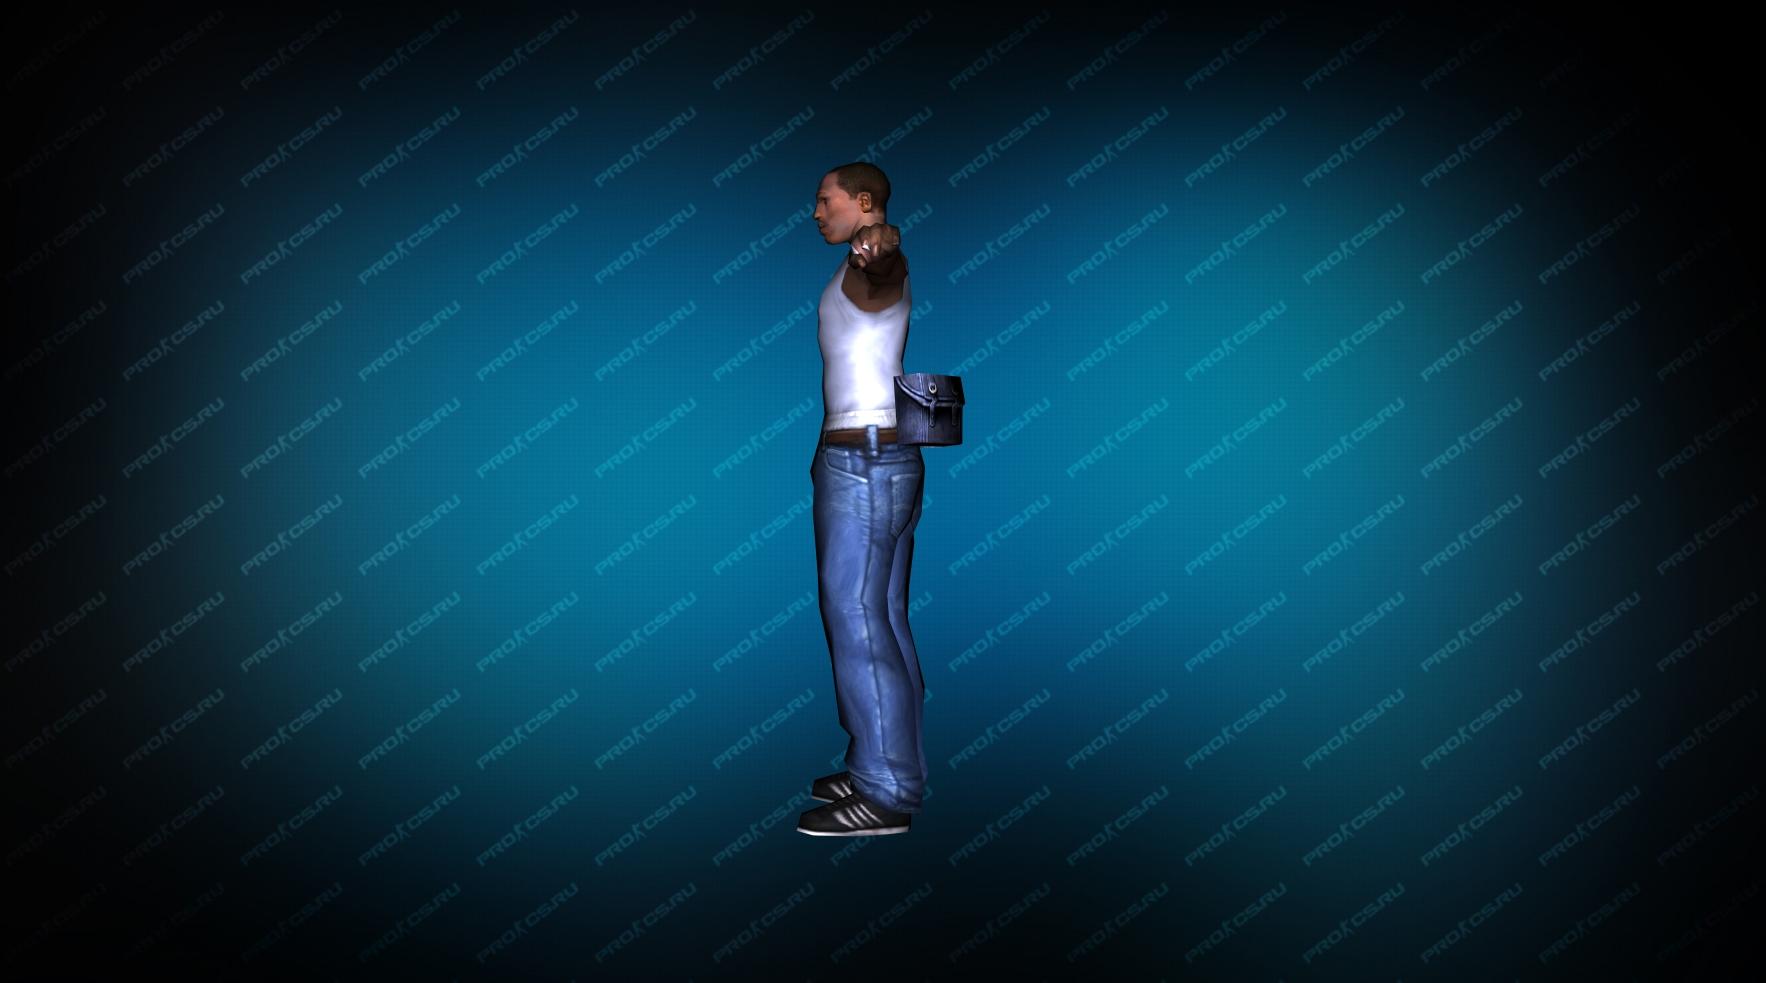 Модель игрока «Карл Джонсон» из GTA вид сбоку